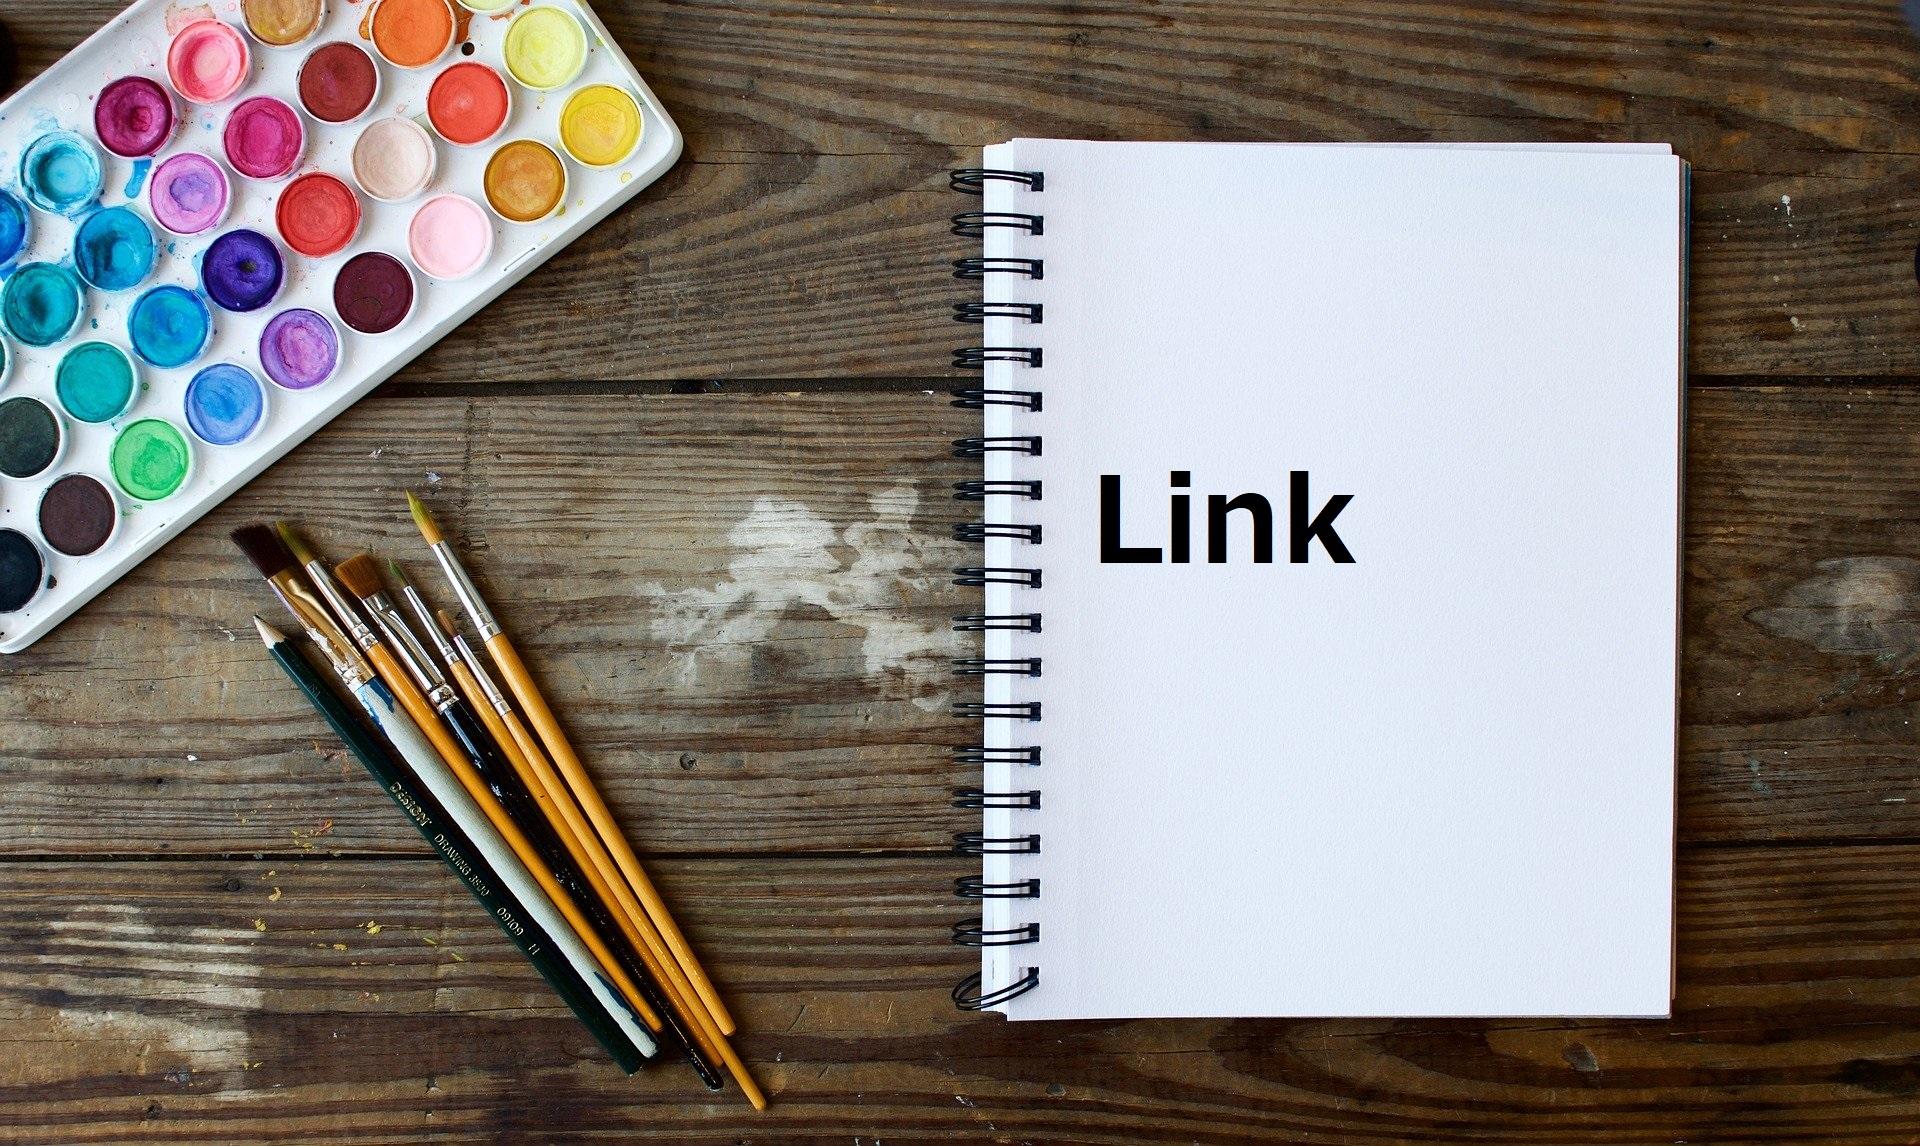 Link画像